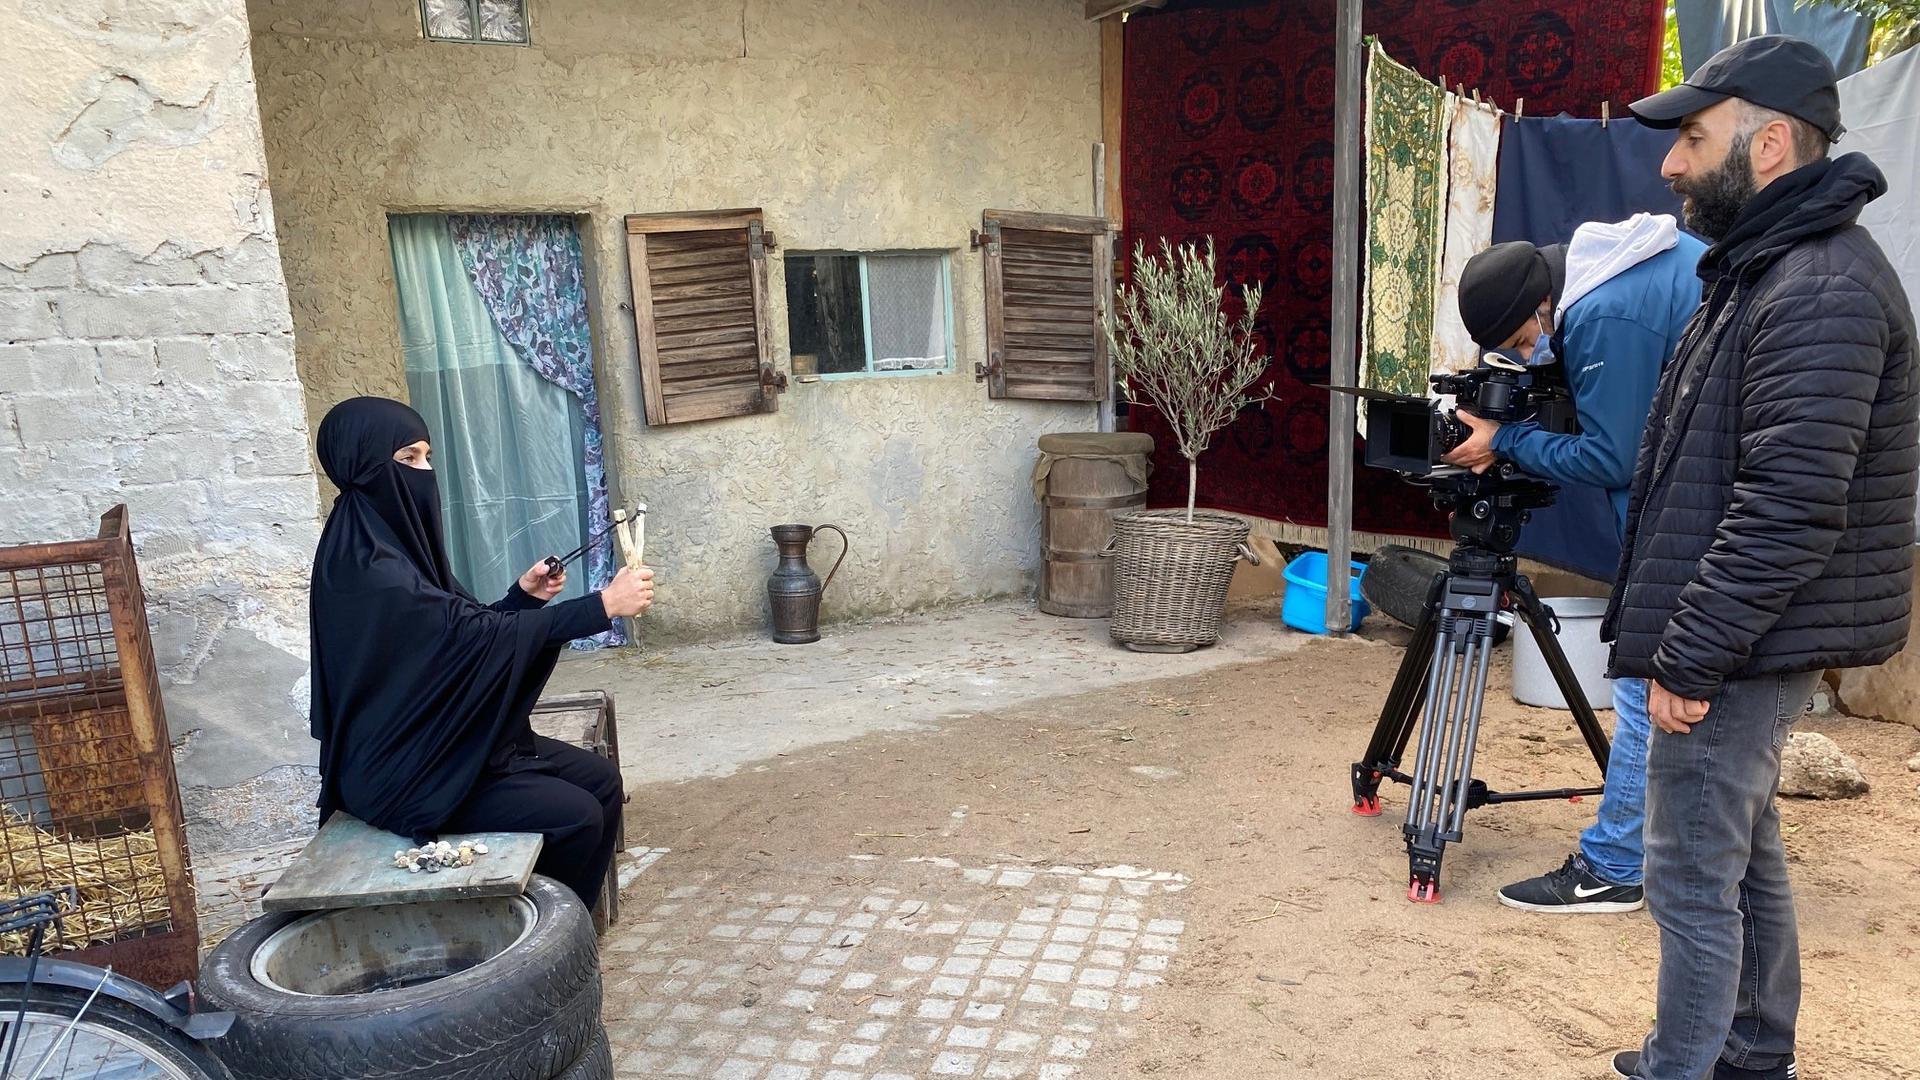 """Dreharbeiten  im Hinterhof: Auf dem Gelände  eines Abrissgebäudes in der Buhlstraße entsteht  der Kurzfilm """"Aisha""""."""